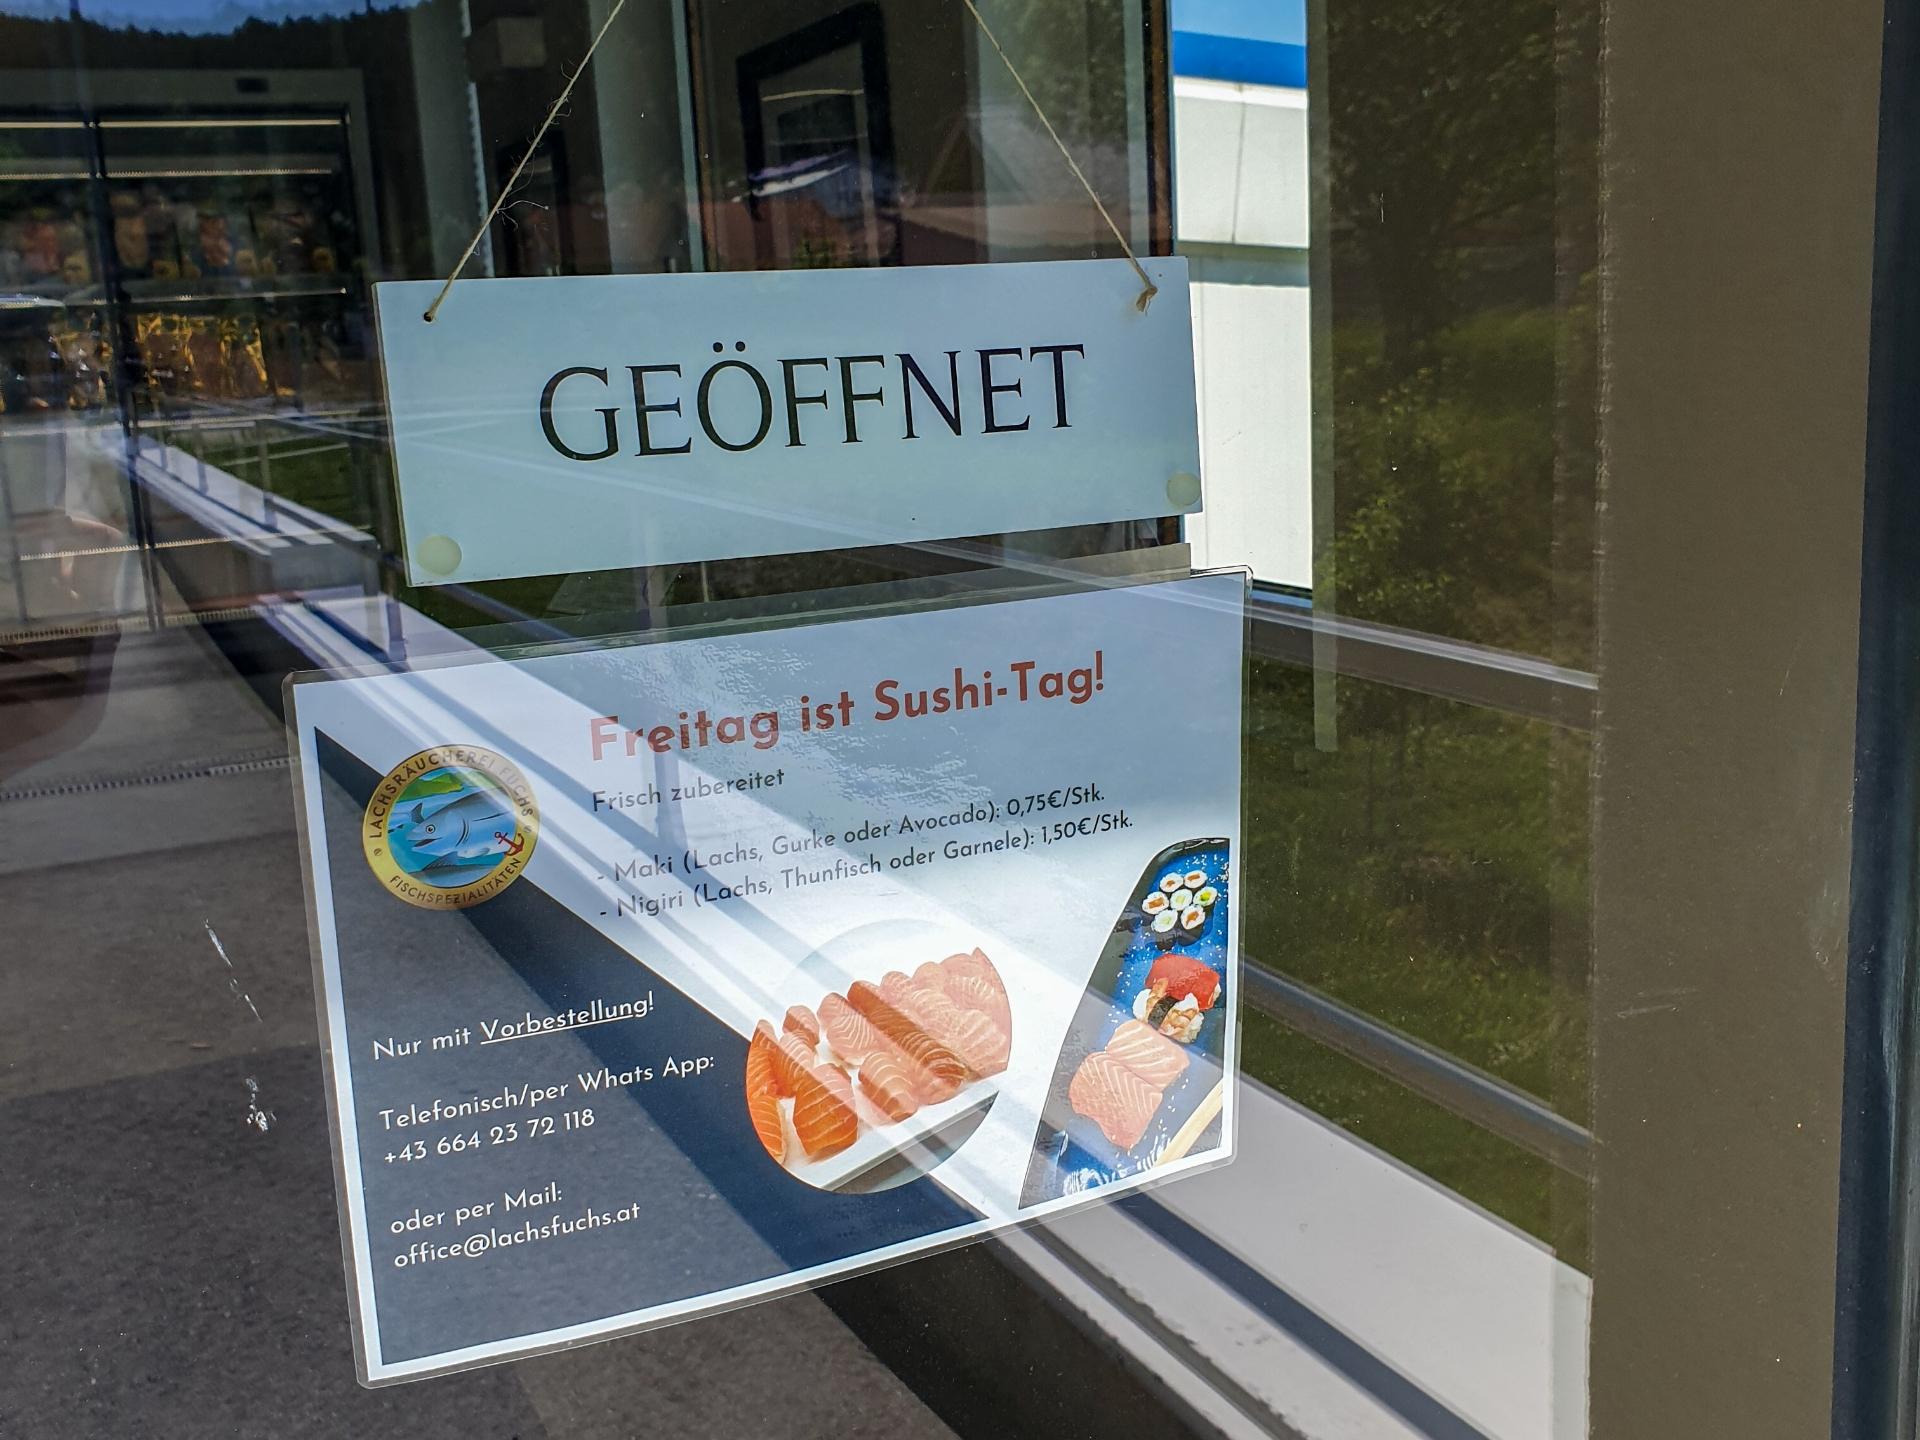 Werksverkauf am Freitag, 04.06 GEÖFFNET